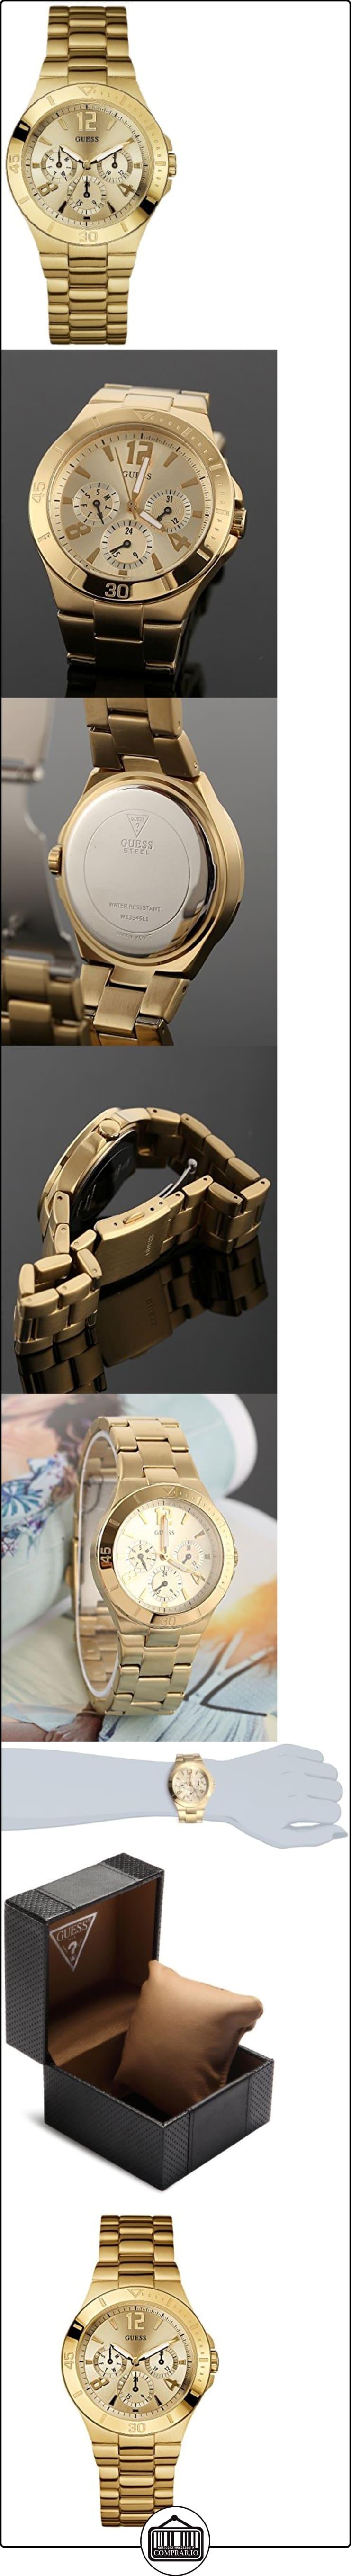 Guess Vespa W13545L1 - Reloj de mujer de cuarzo, correa de acero inoxidable color oro  ✿ Relojes para mujer - (Gama media/alta) ✿